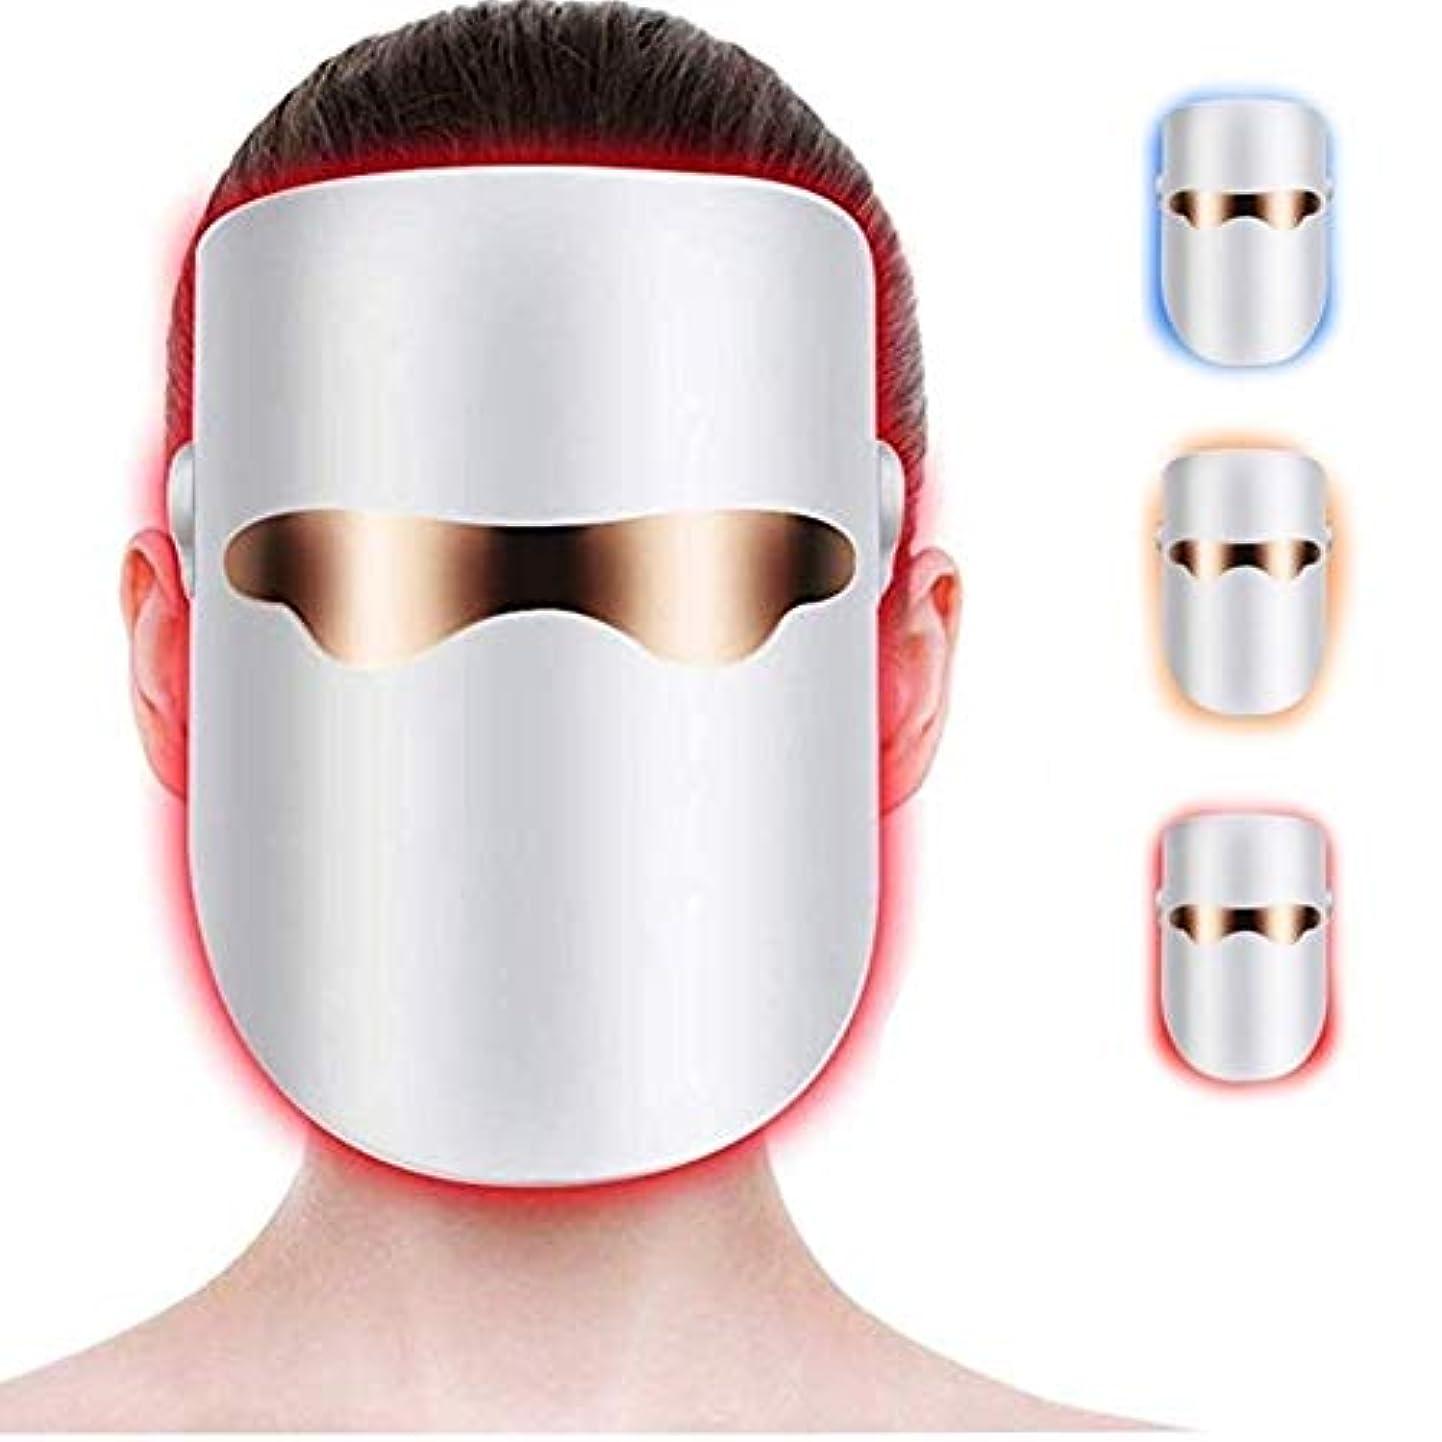 贅沢ブラスト日の出LEDフェイシャルマスク、3色のライトセラピーにきびマスク、ツェッペリン光子セラピー・フェイシャル美容無制限のトリートメントのためにアクネスポットリンクルコラーゲンフェイススキンケア若返りマスク (Color : M1)